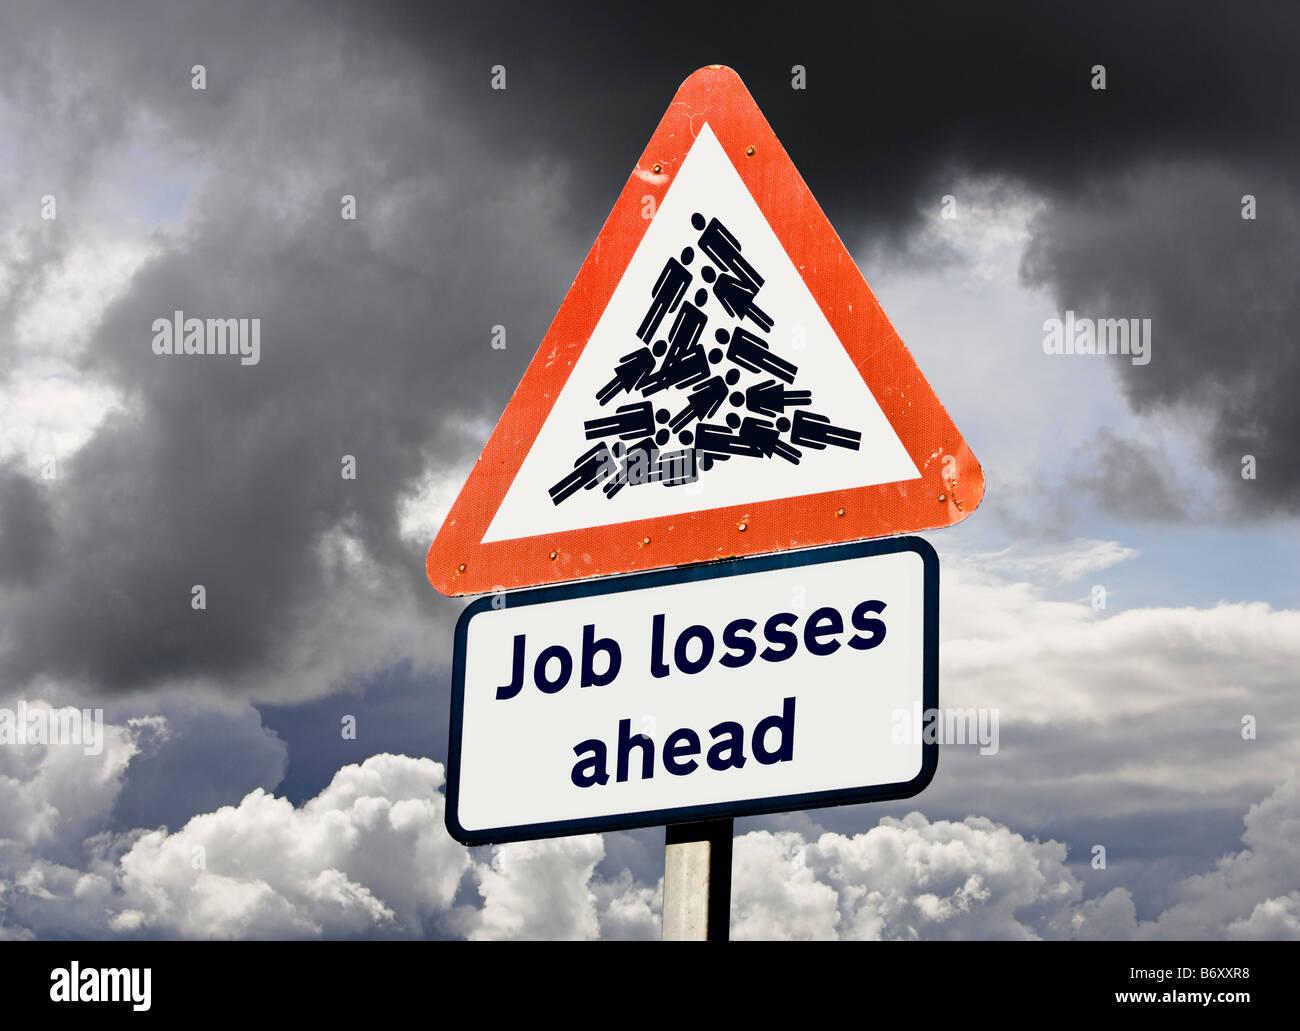 Economia disoccupazione avviso di tagli di posti di lavoro concetto Regno Unito - Le perdite di posti di lavoro Immagini Stock